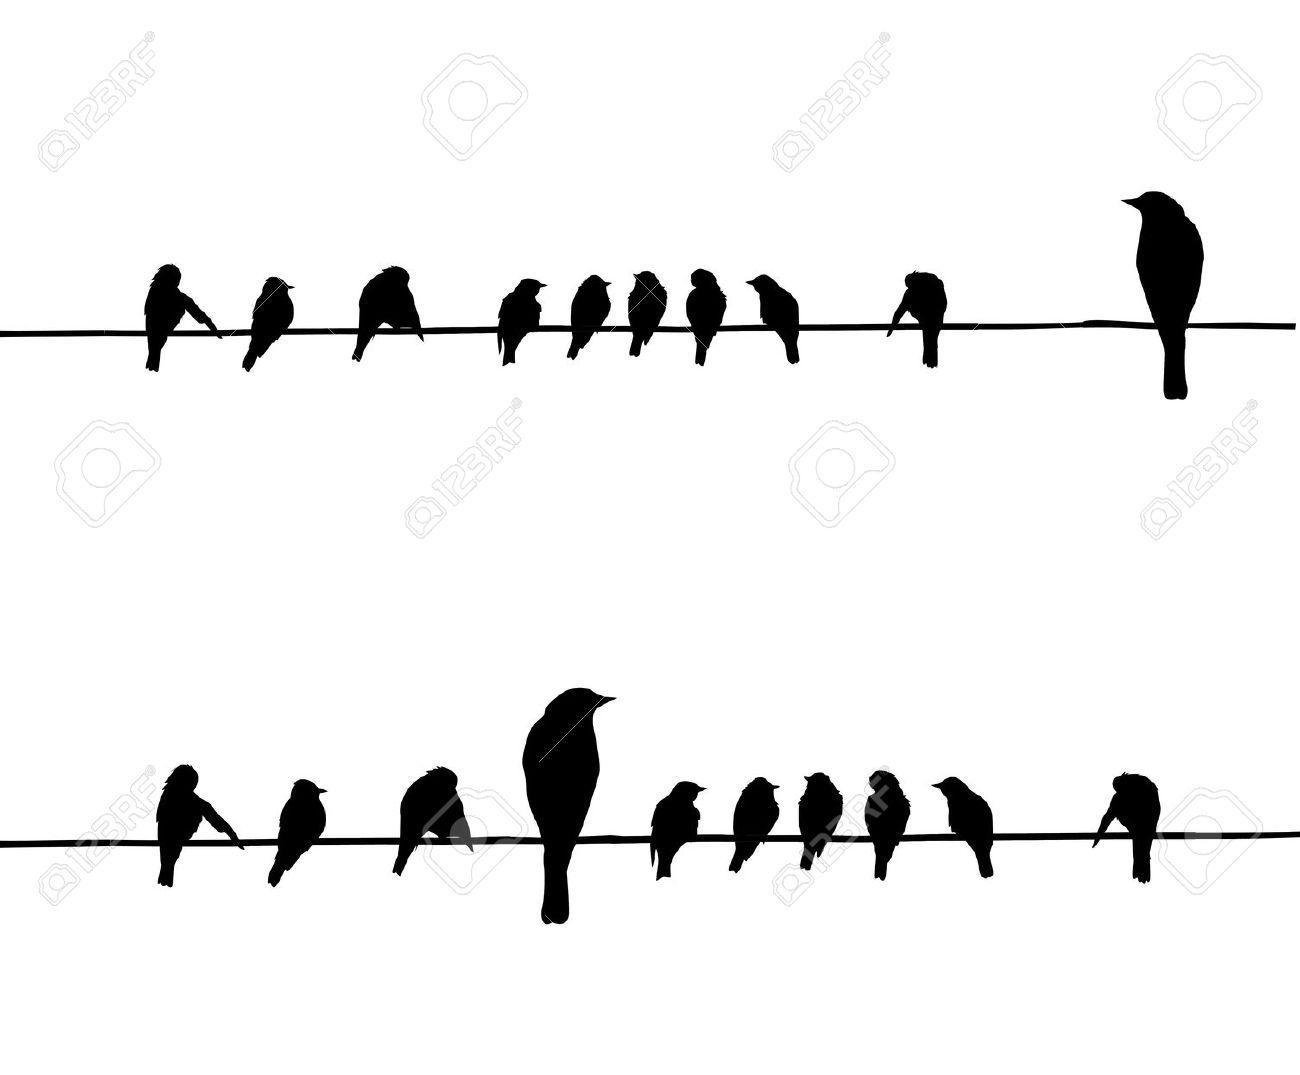 Silueta Aves Siluetas De Vector De Las Aves En Alambre Vectores